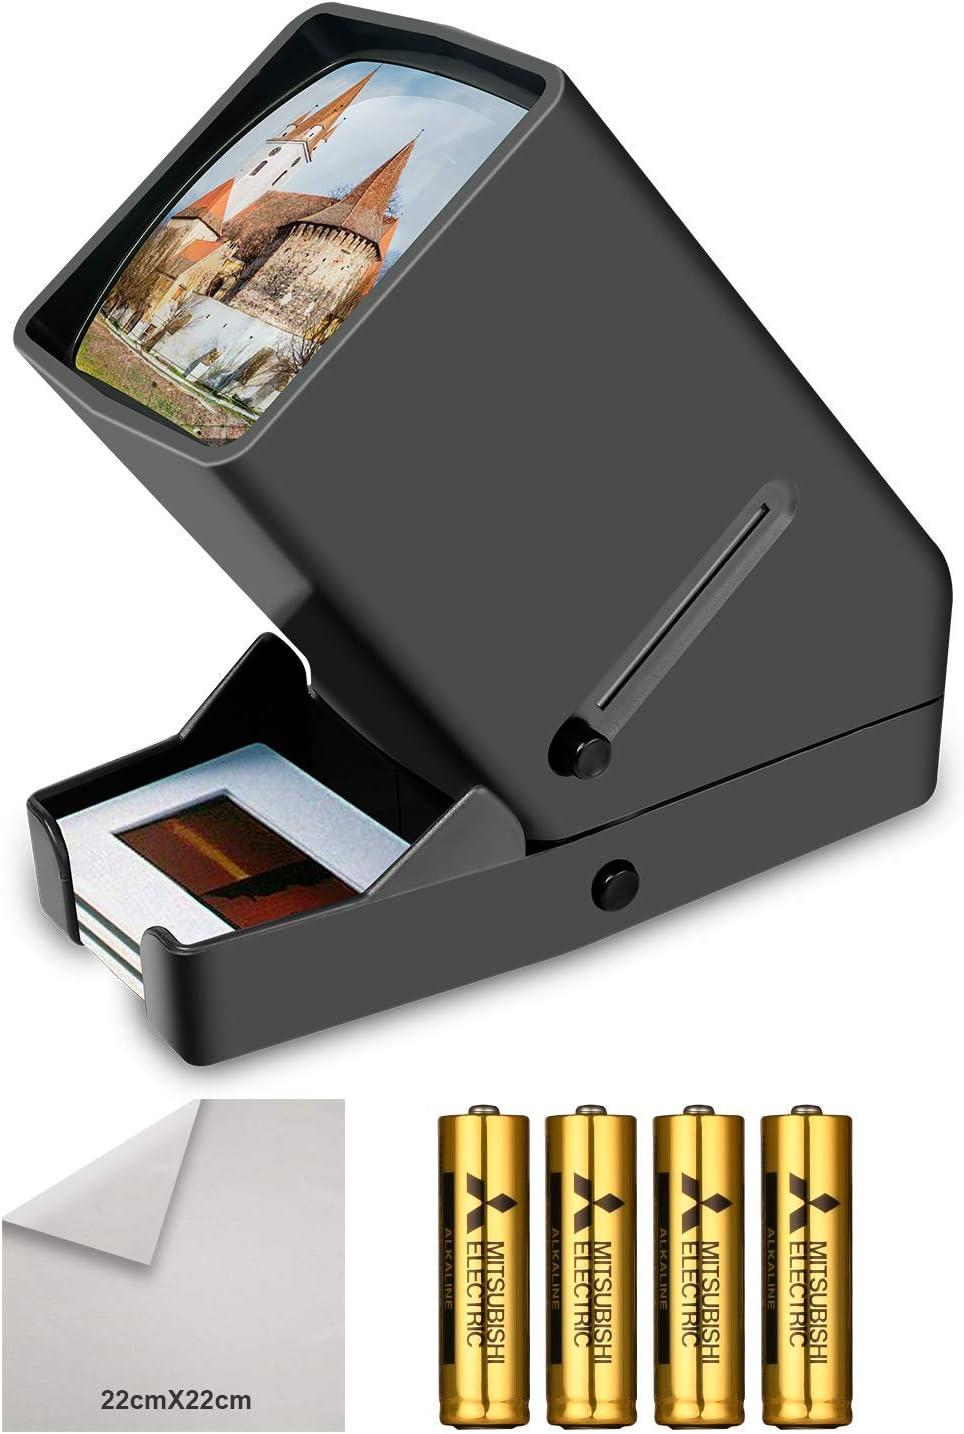 Visor de Diapositivas y Negativos de 35 mm, LED Daylight Desktop Film Viewer con Aumento de 3X